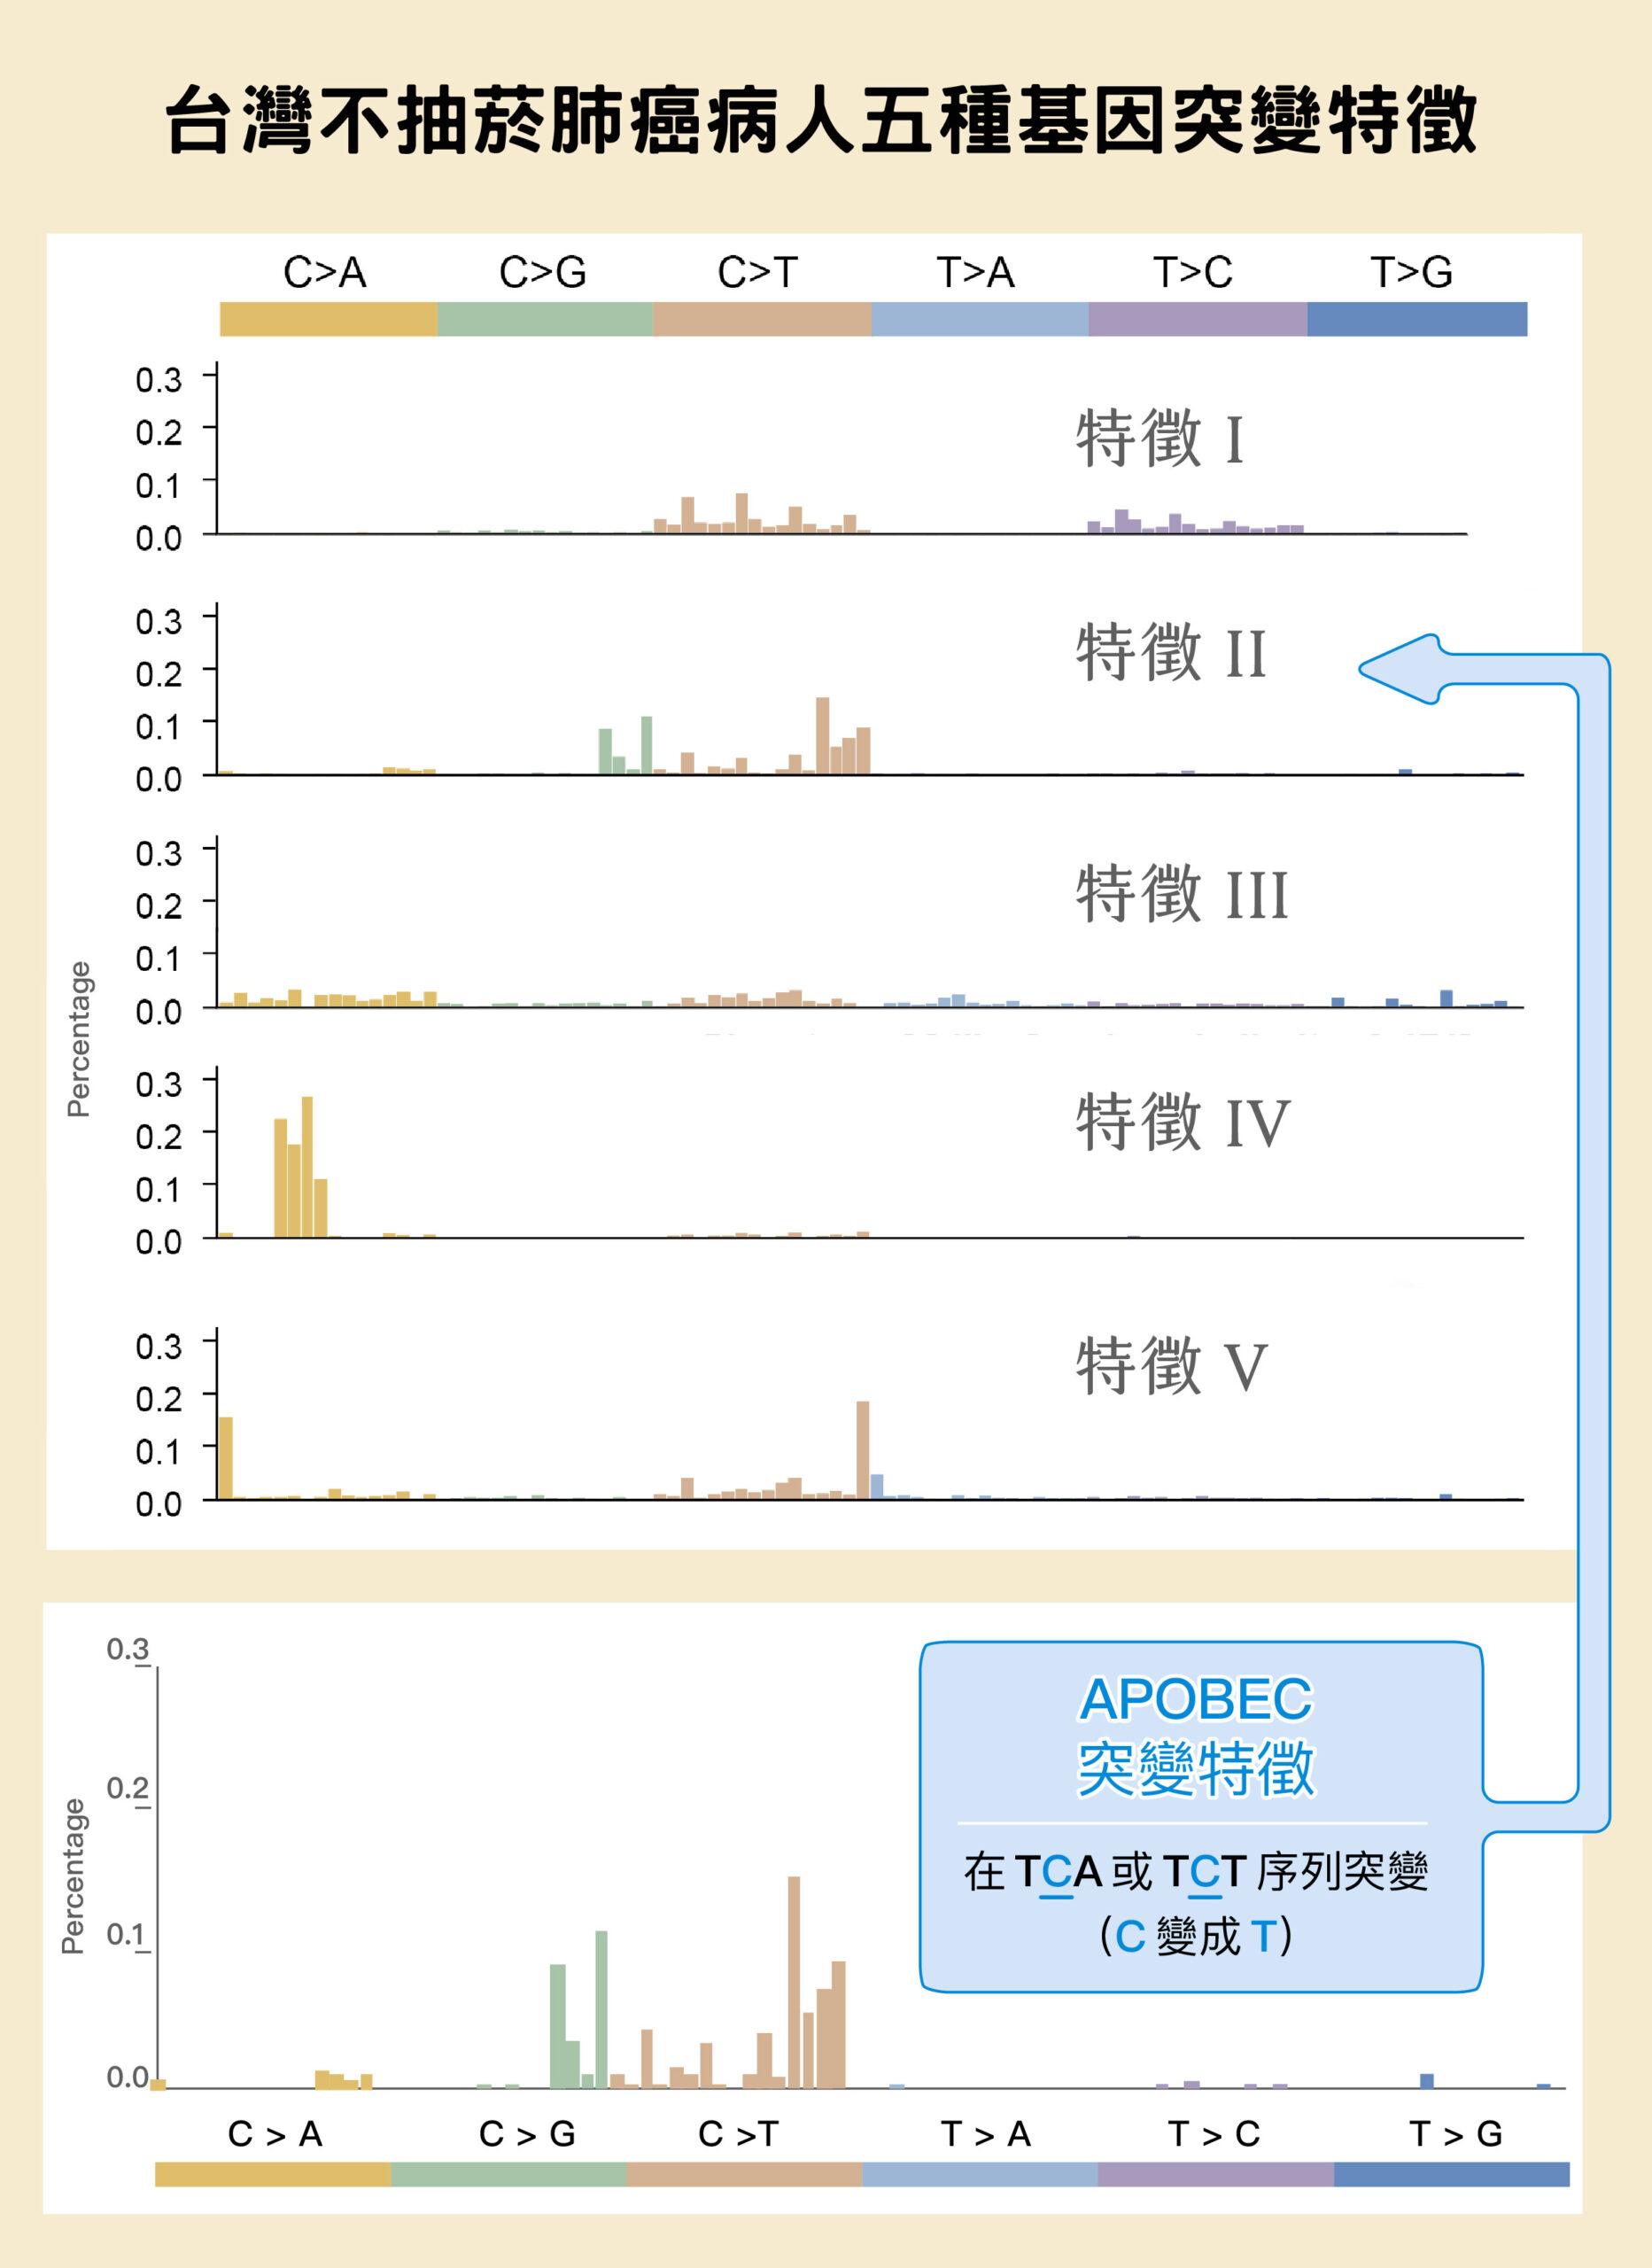 中研院統計所陳璿宇副研究員統計 103 位病人的檢體,鑑定出東亞肺癌具有上圖五種突變特徵。以第二列為例,主要為 C>G 和 C>T 的突變,乃是 APOBEC 造成的突變特徵。APOBEC 為 RNA 編輯酶家族,有 11 個成員,能把胞嘧啶核苷酸(C)的氨基去掉,使它變成尿嘧啶核苷酸(U)。APOBEC 過度表達,再加上 DNA 修復機制的作用,就會形成 C>G 和 C>T 的突變特徵。圖│陳玉如